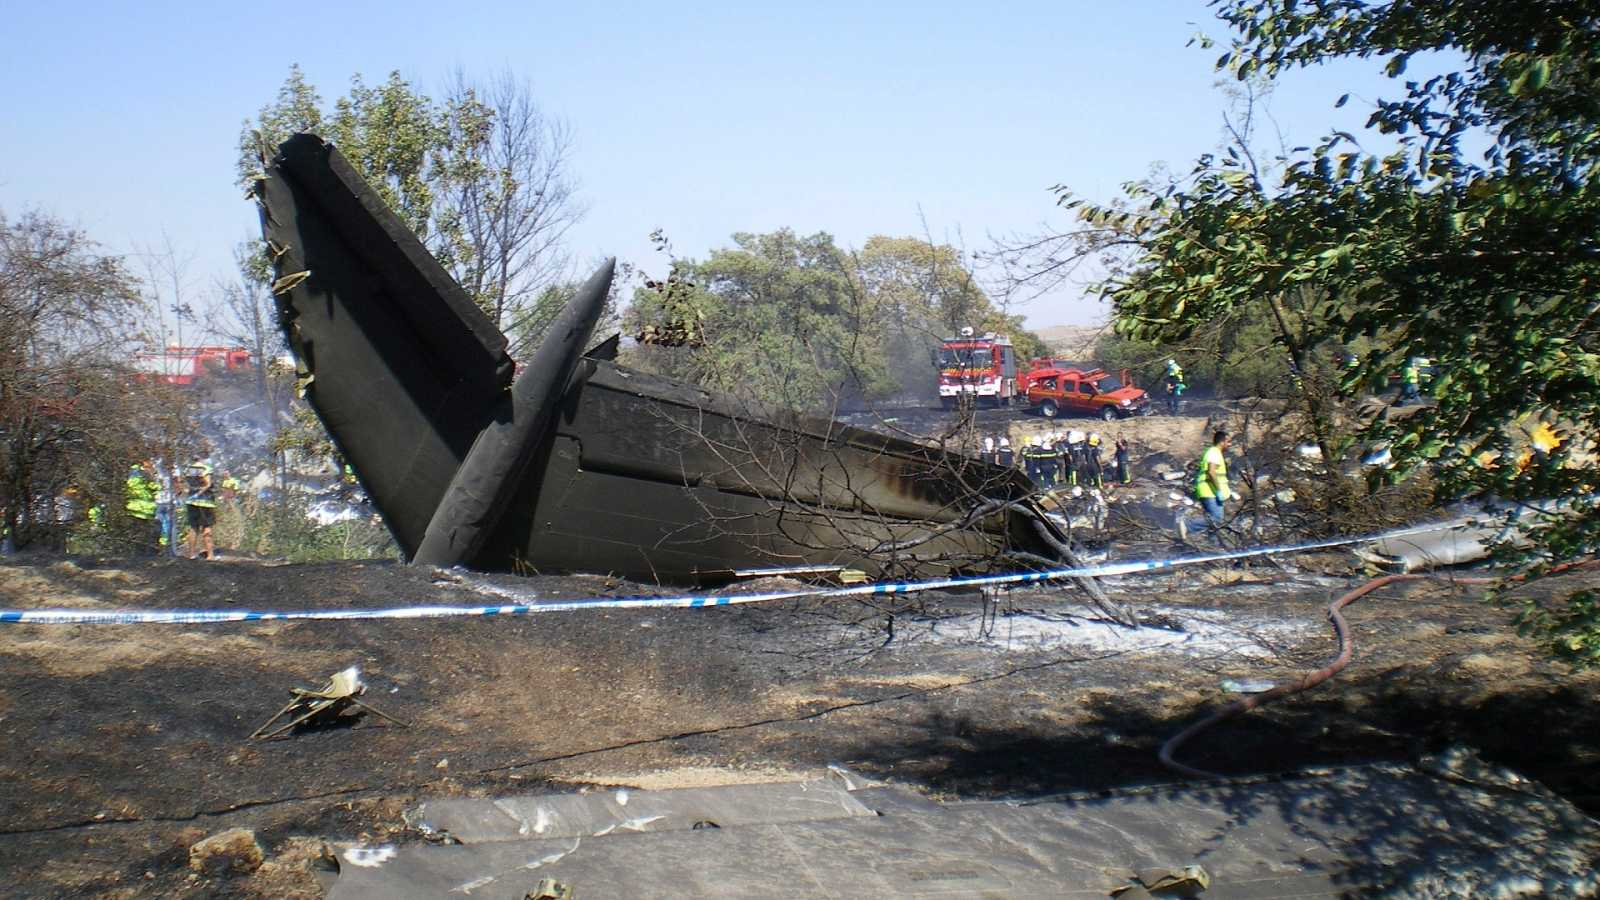 Parlamento - Radio 5 - El accidente de Spanair, una concatenación de errores que derivó en tragedia - Escuchar ahora